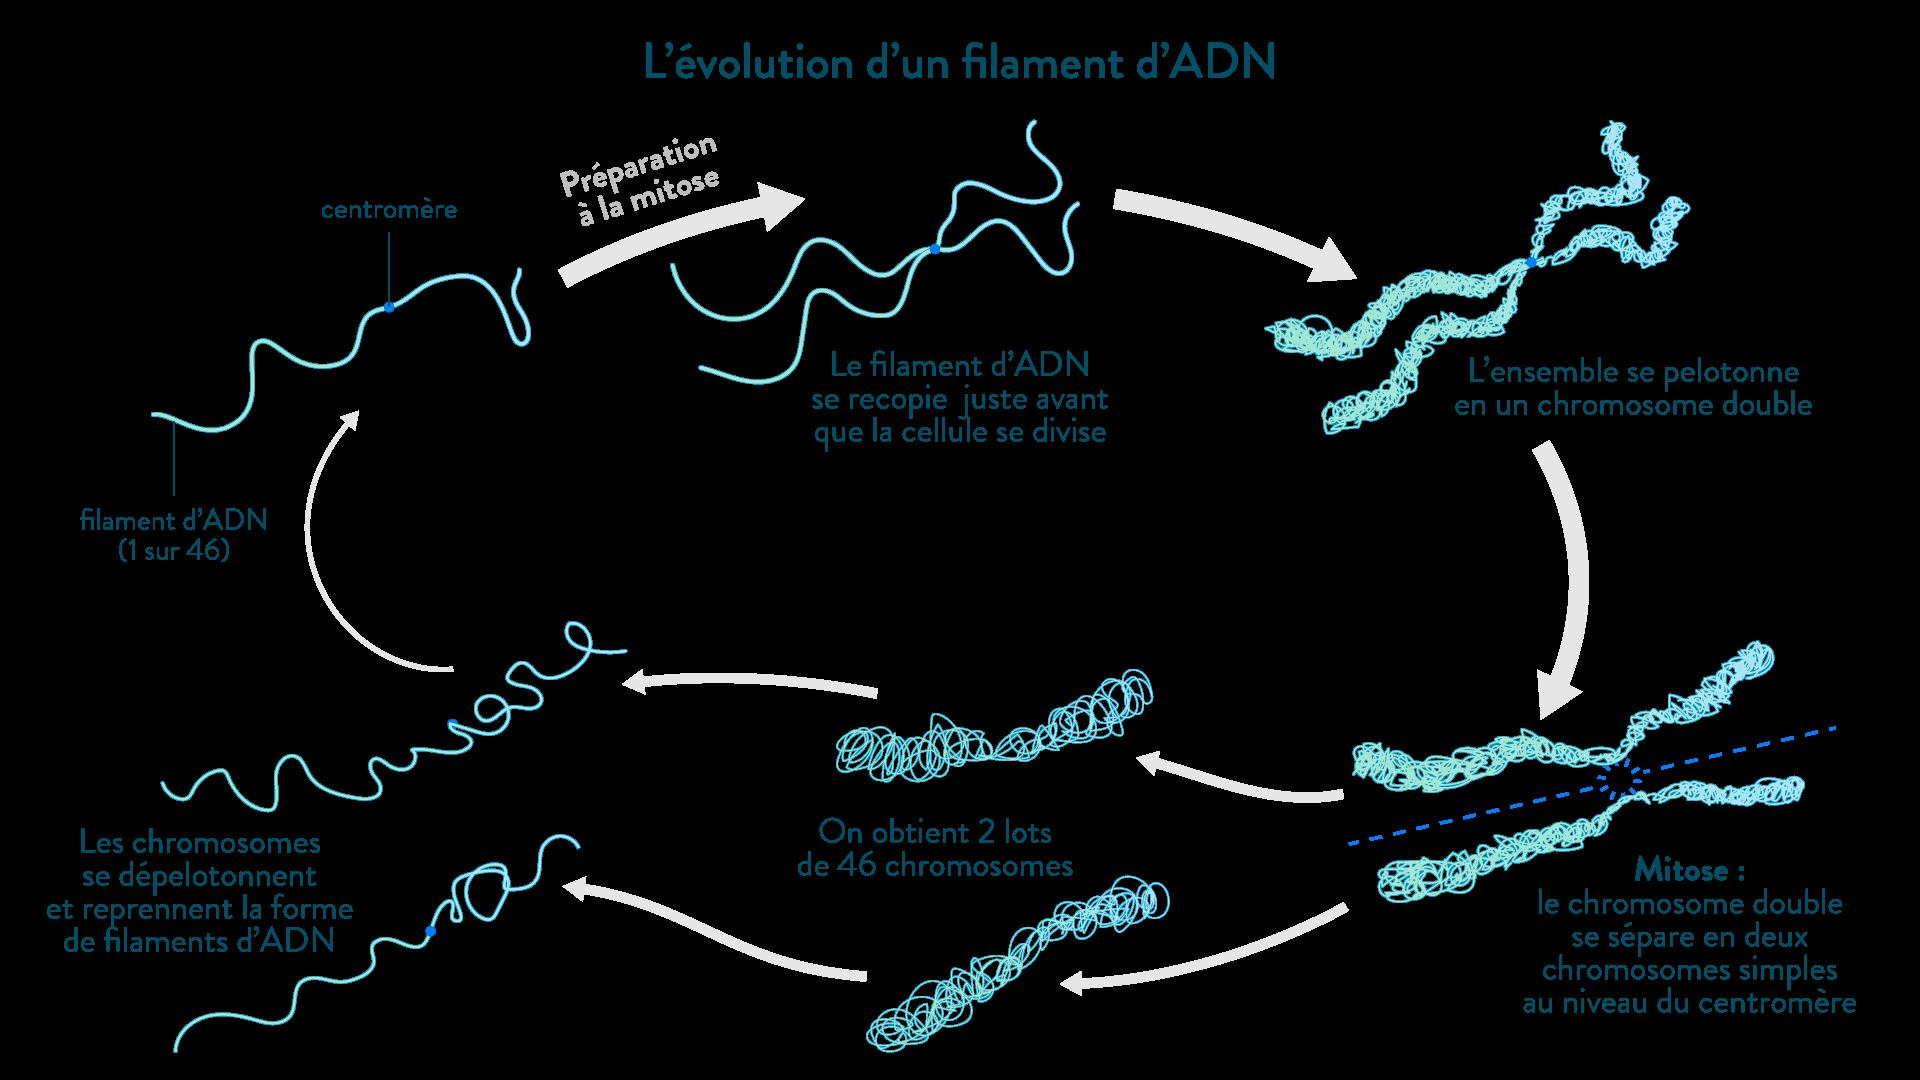 L'évolution d'un filament d'ADN juste avant et pendant la division cellulaire